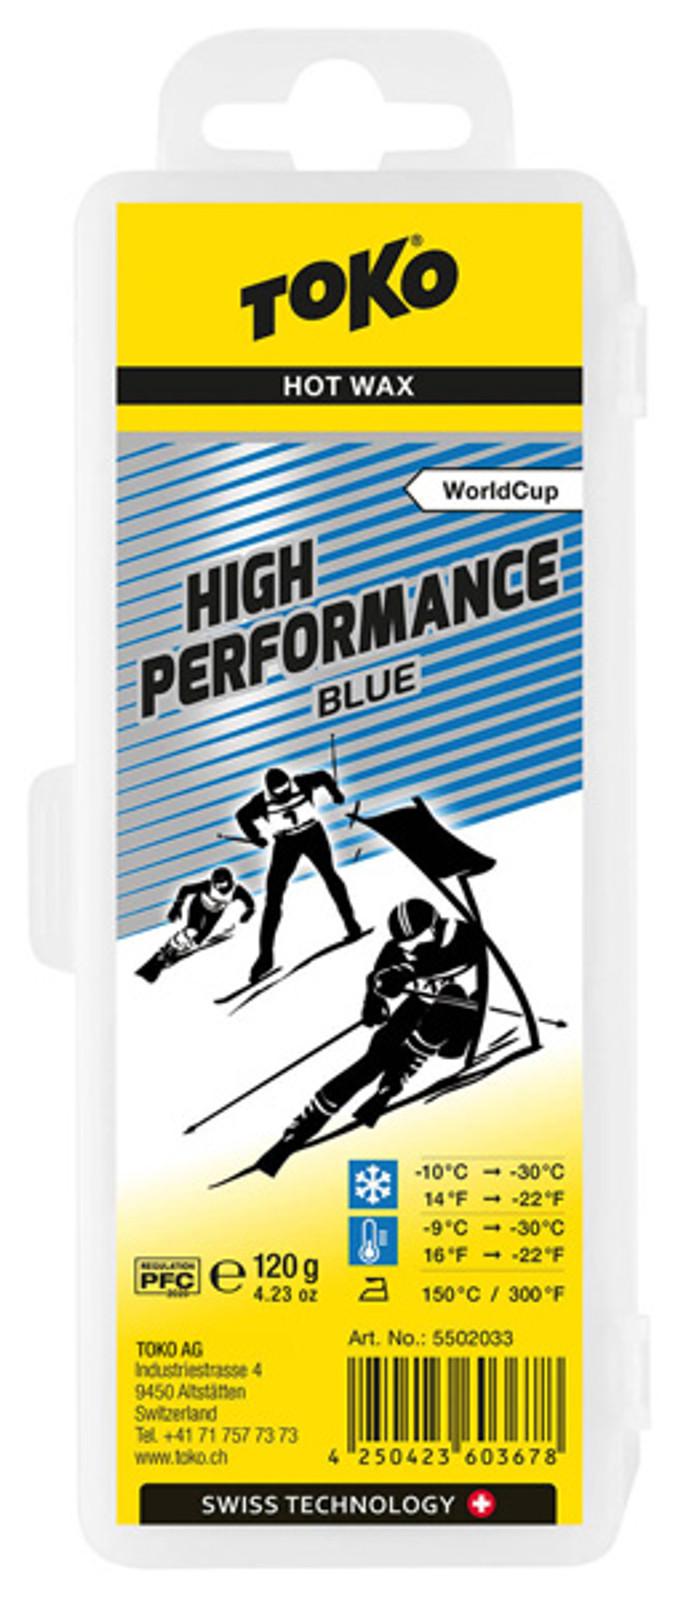 Toko High Performance Wax